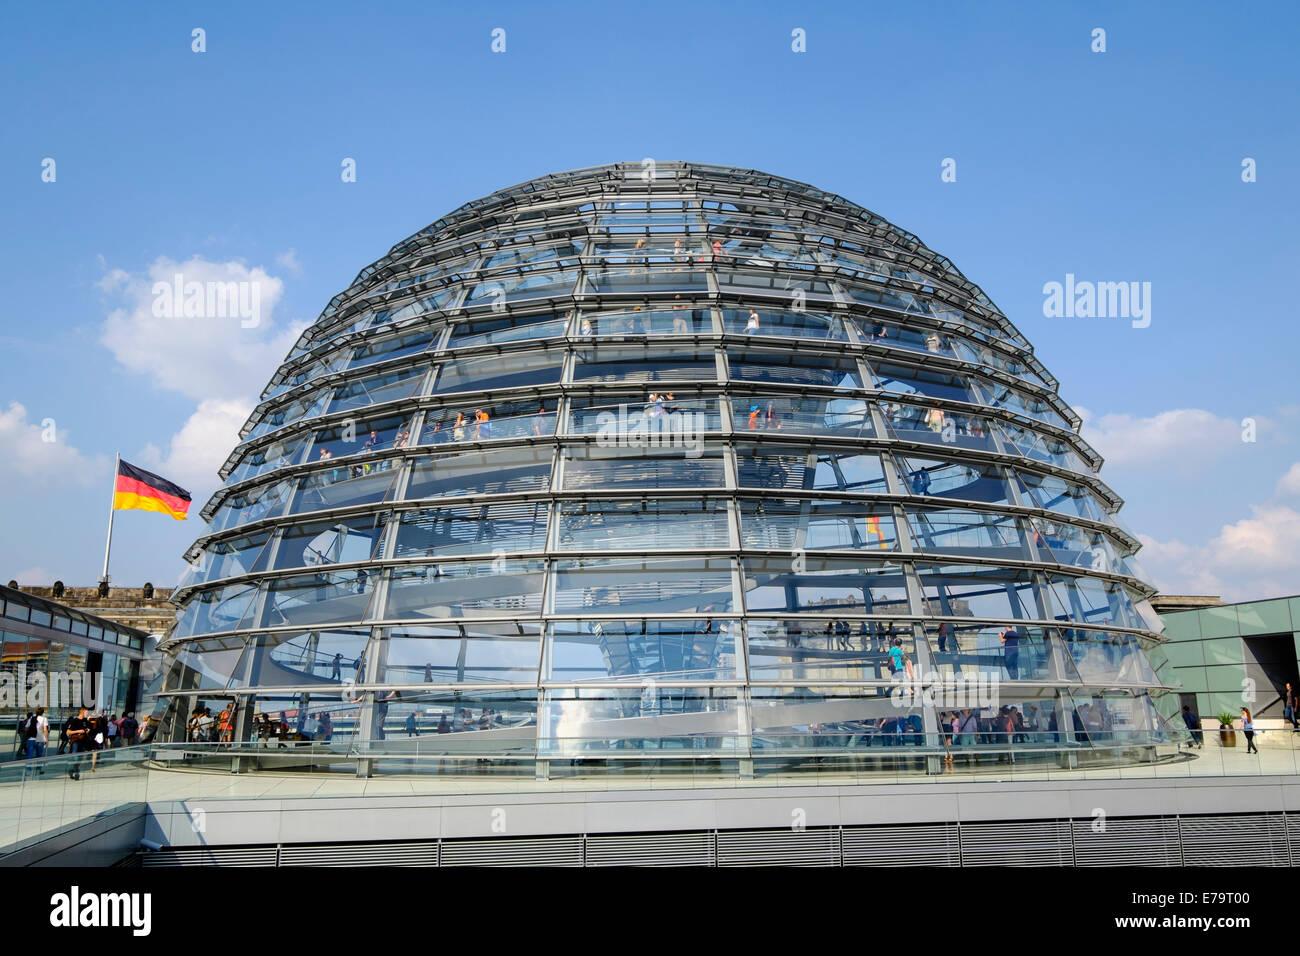 Techo de cúpula de cristal, el edificio del parlamento Reichstag en Berlín, Alemania Imagen De Stock